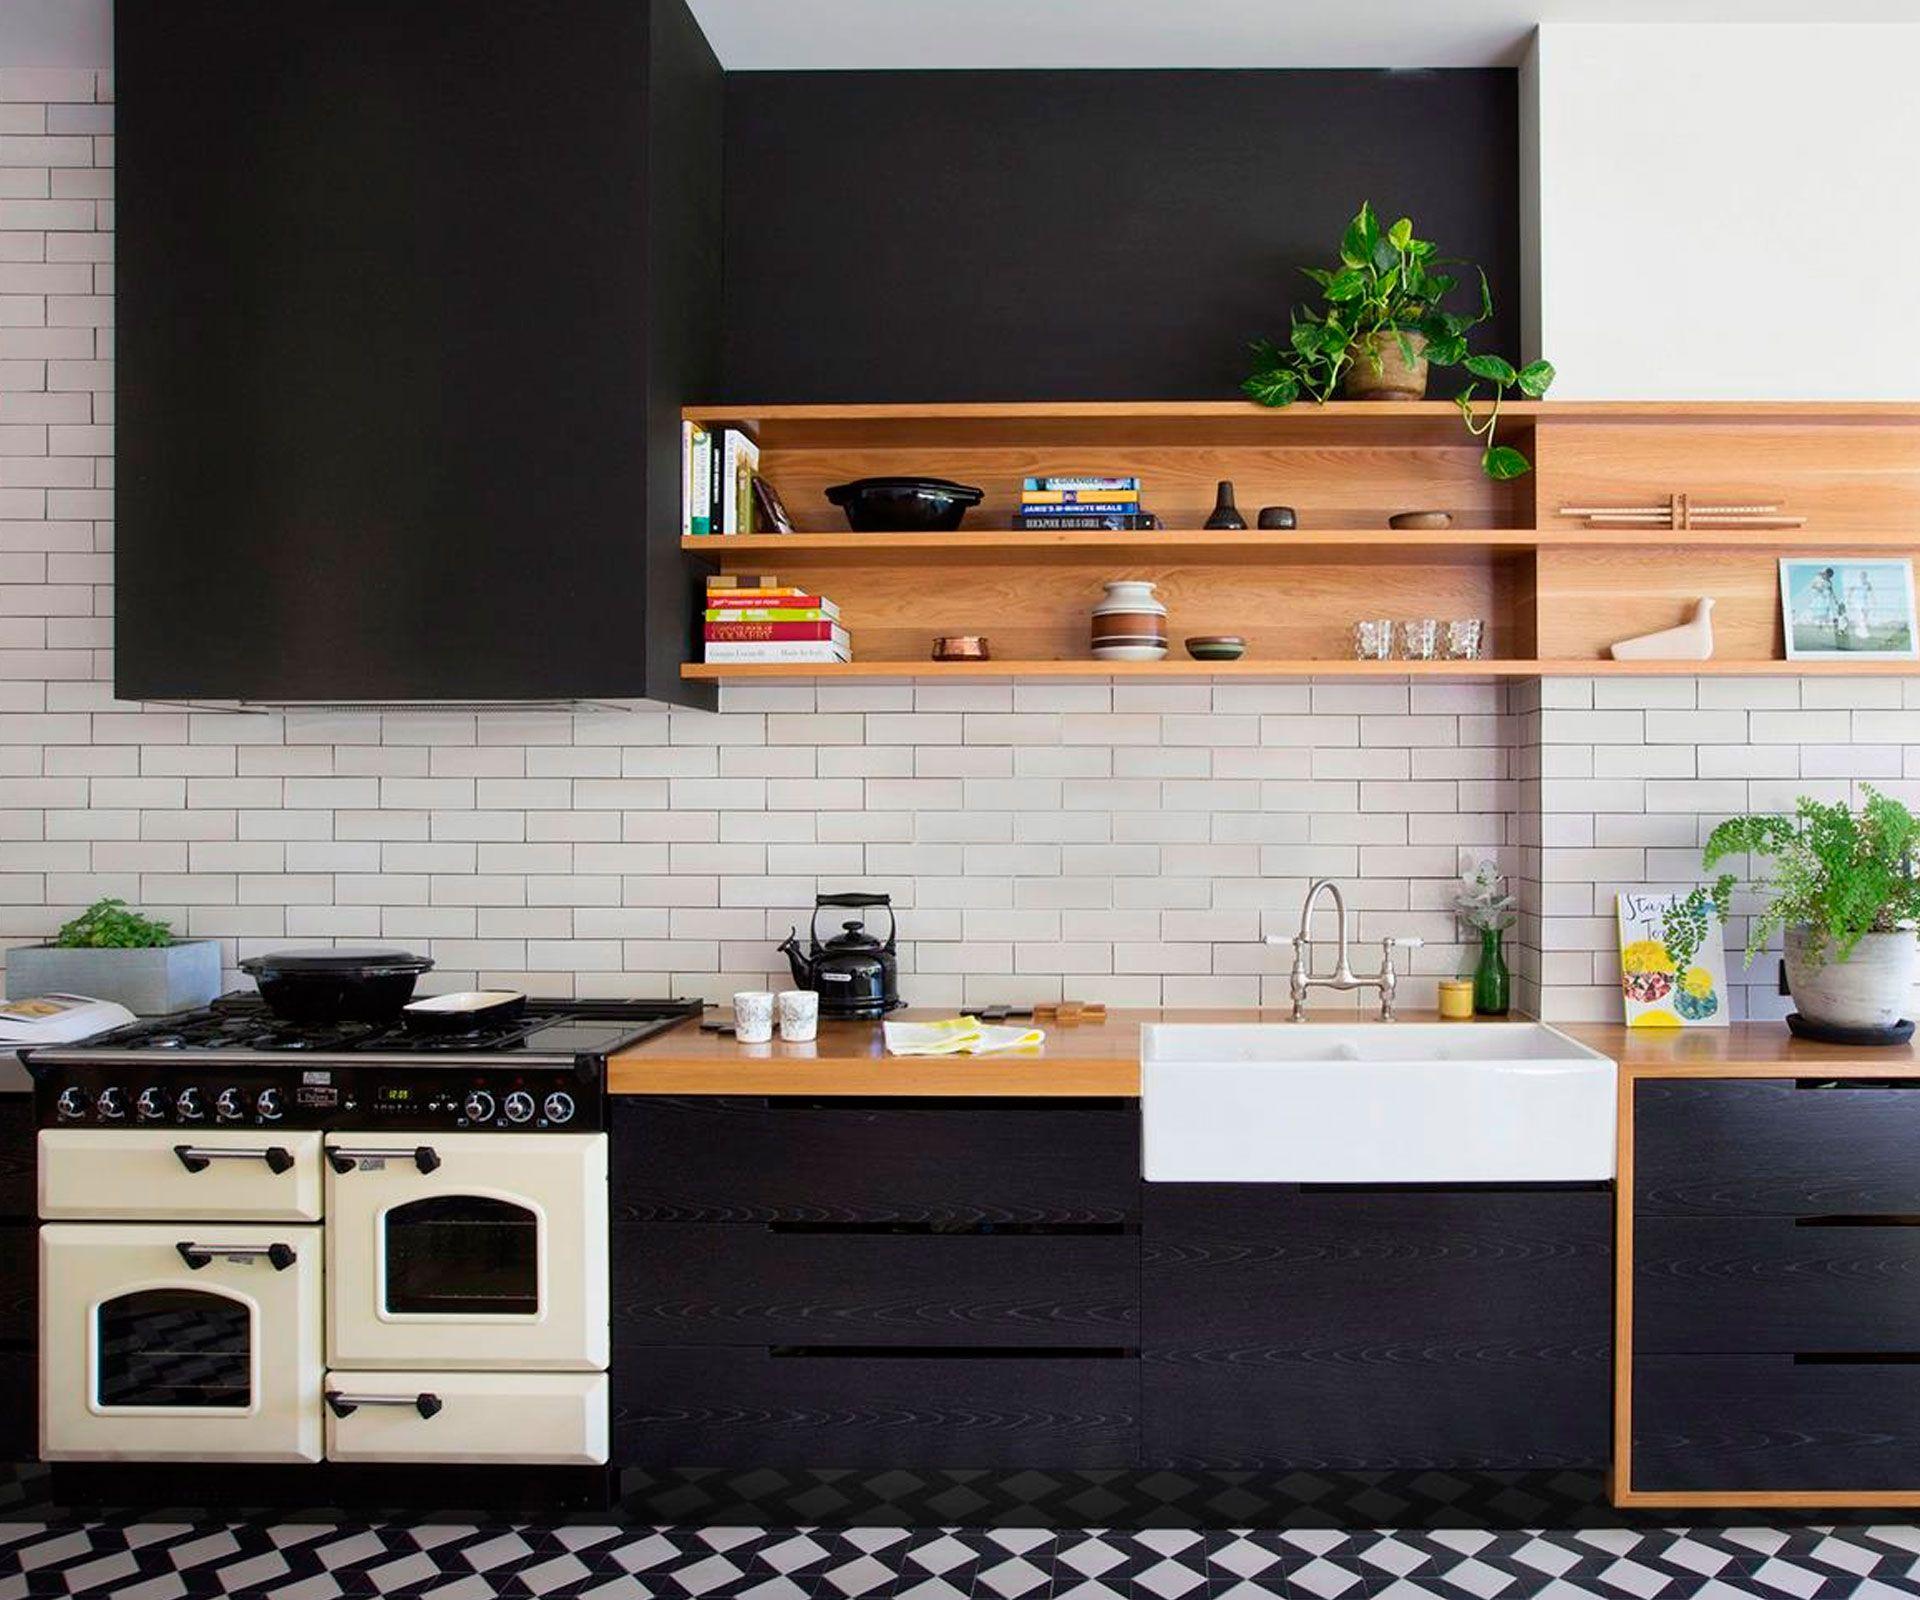 Gemütlich Küche Und Bad Autorität New York Bewertungen Fotos - Ideen ...